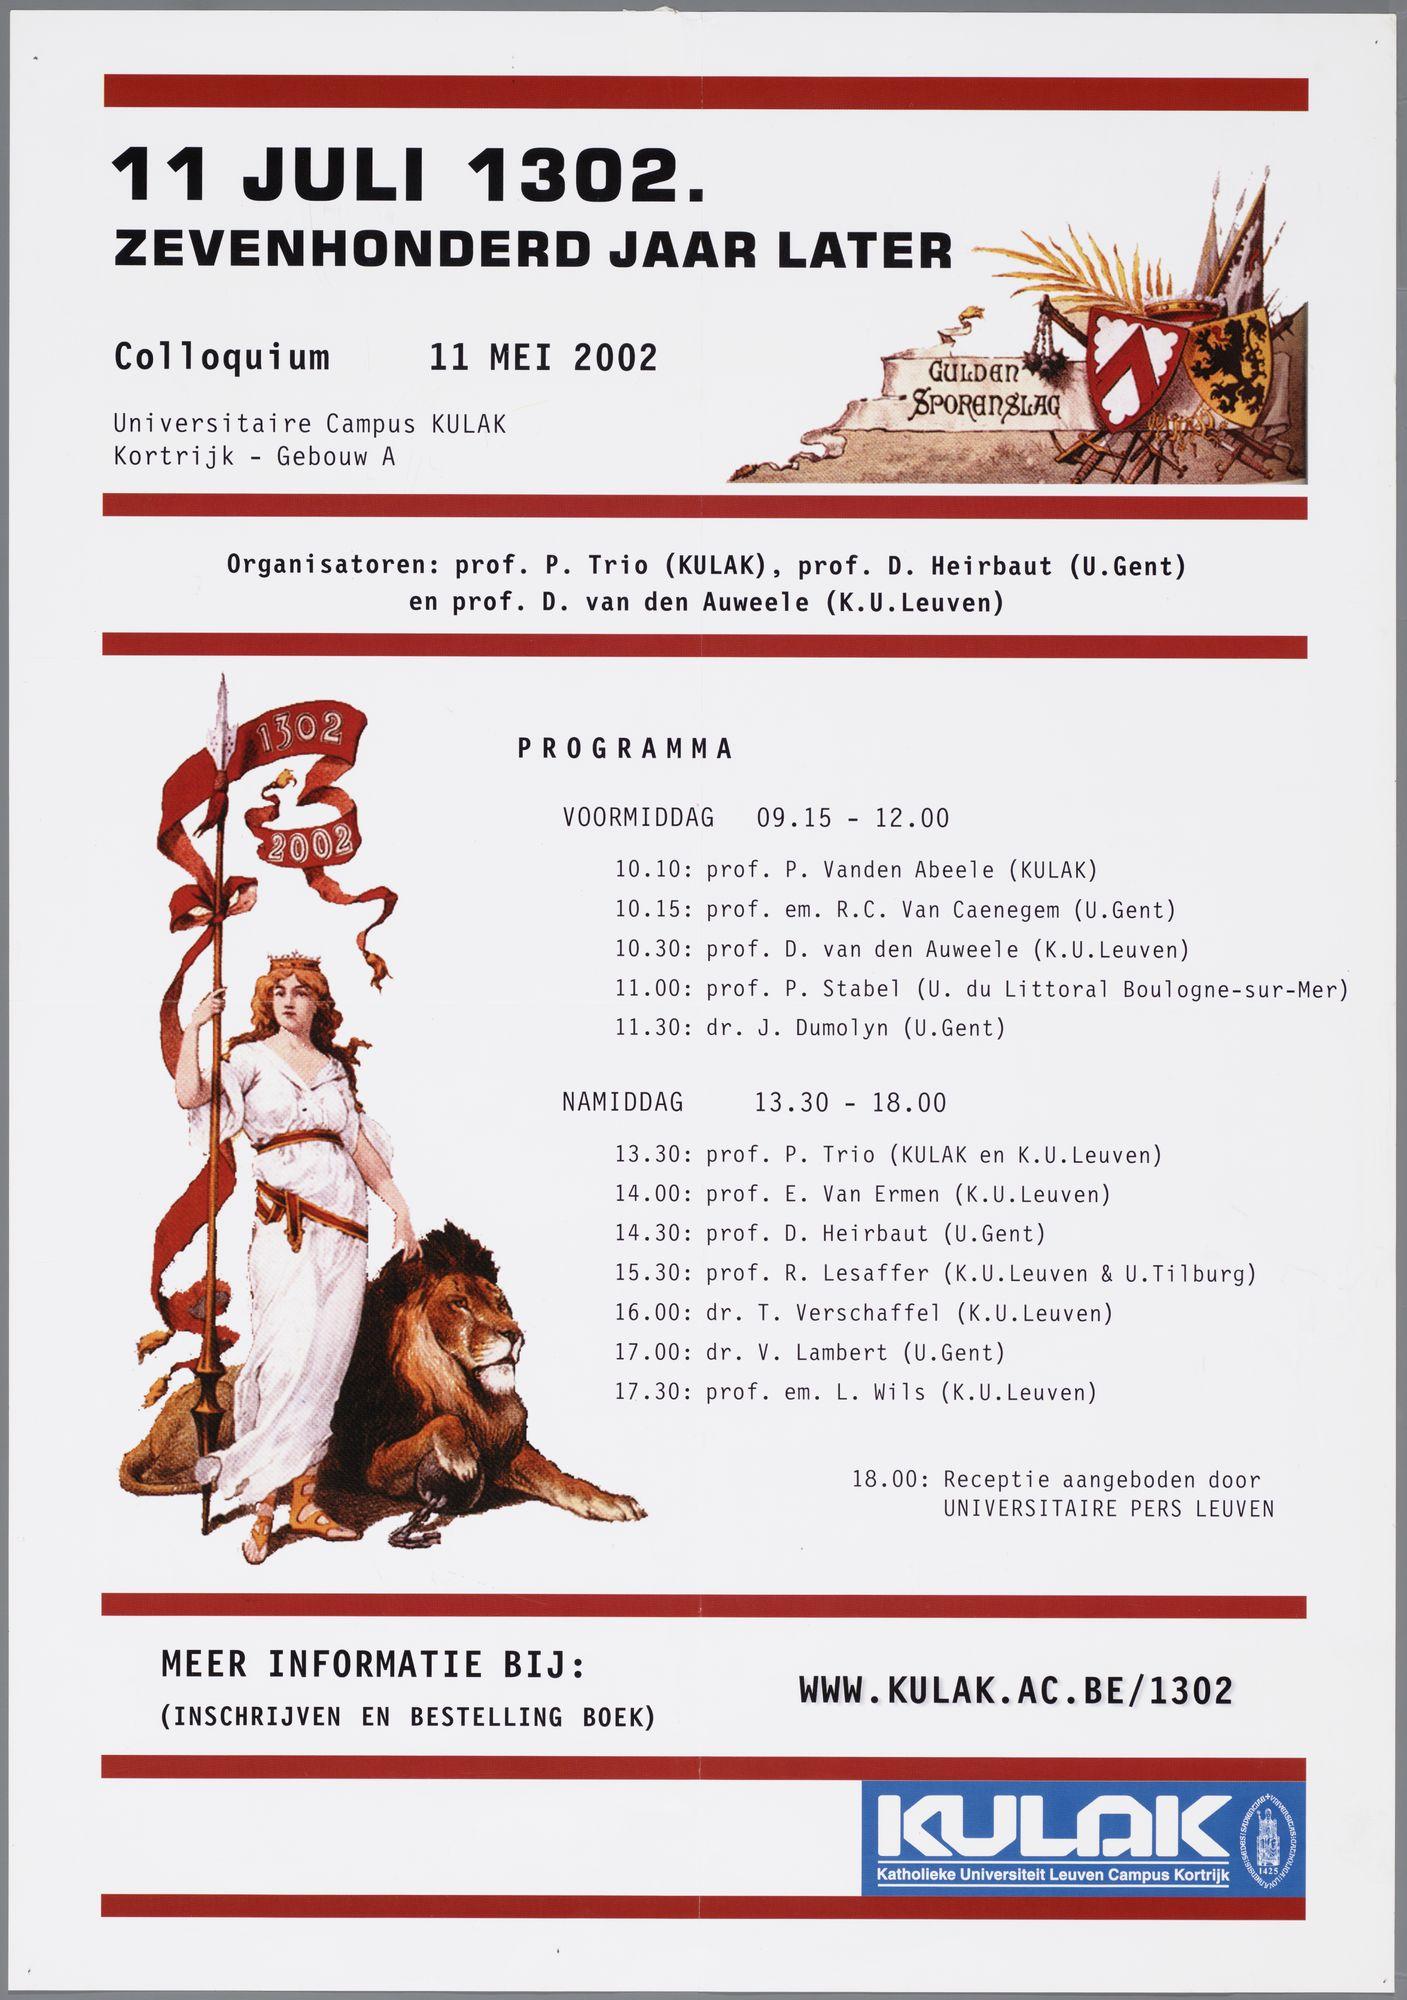 Feestelijkheden 1302 in 2002